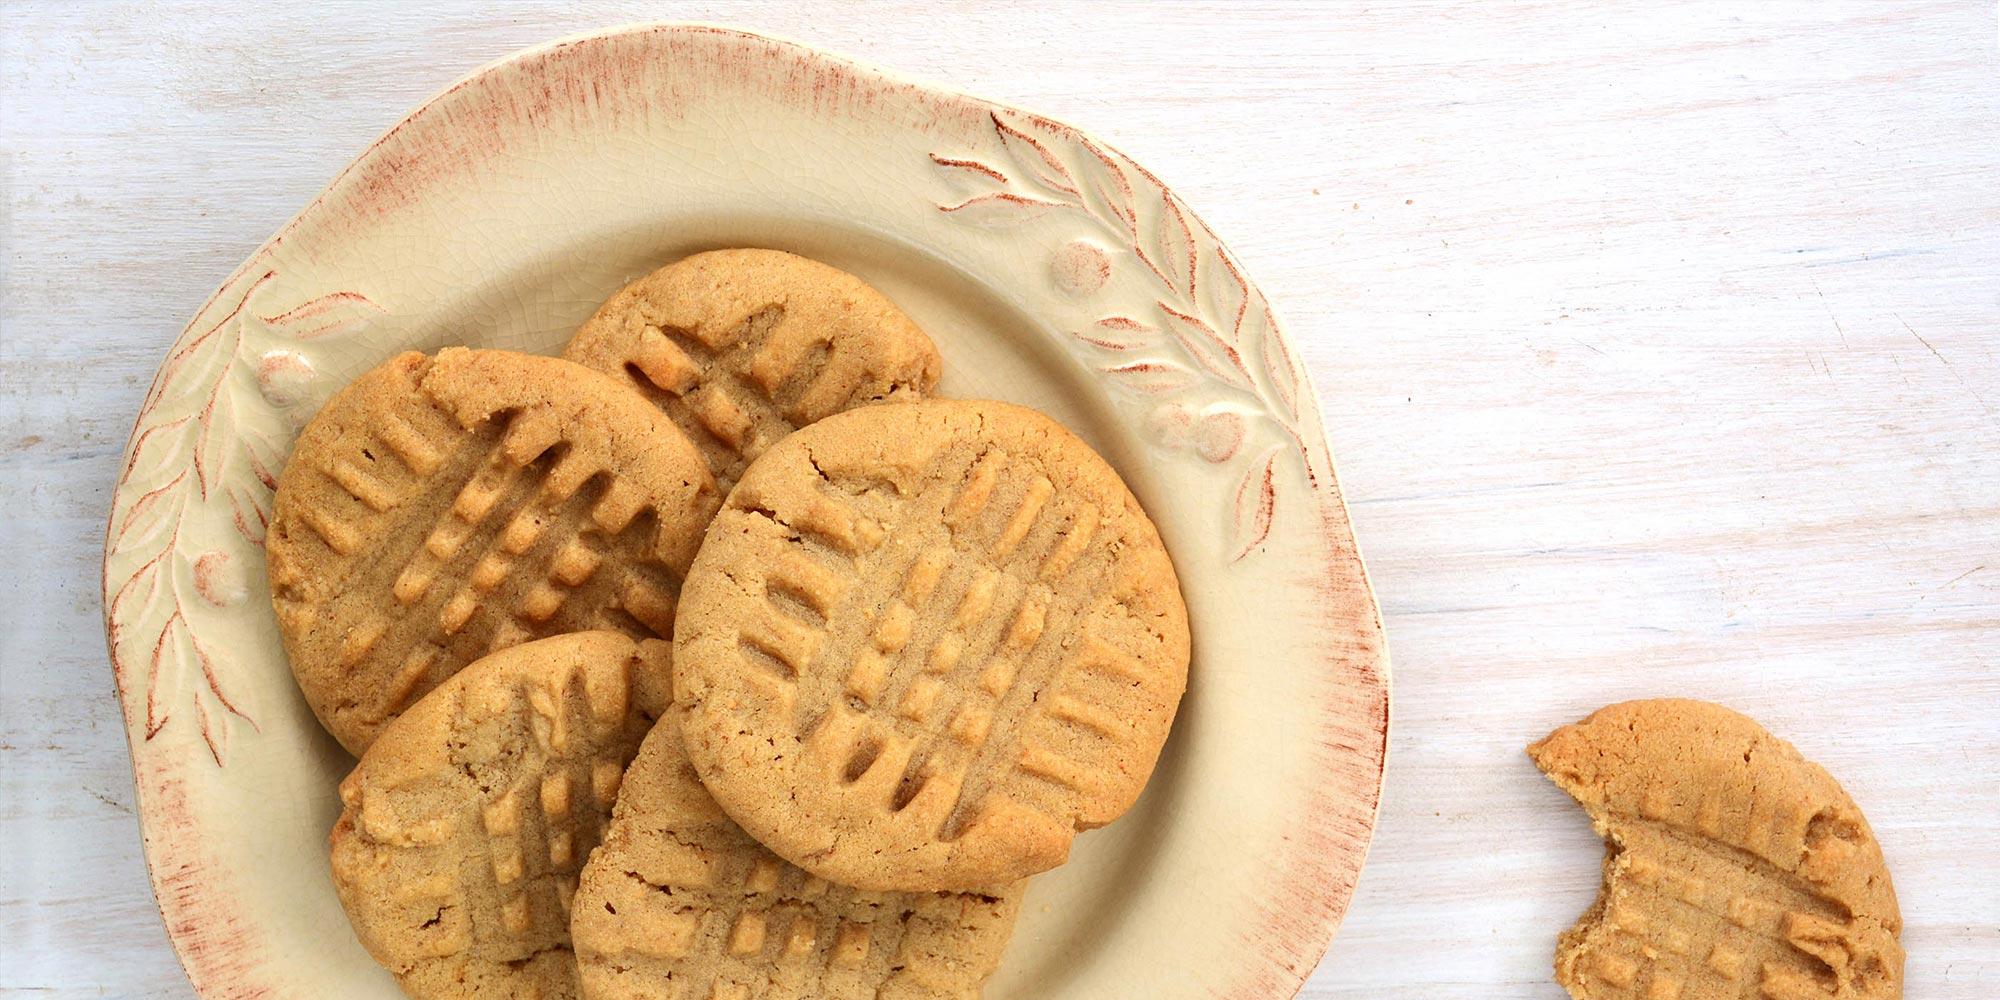 Galletas clásicas de mantequilla de maní